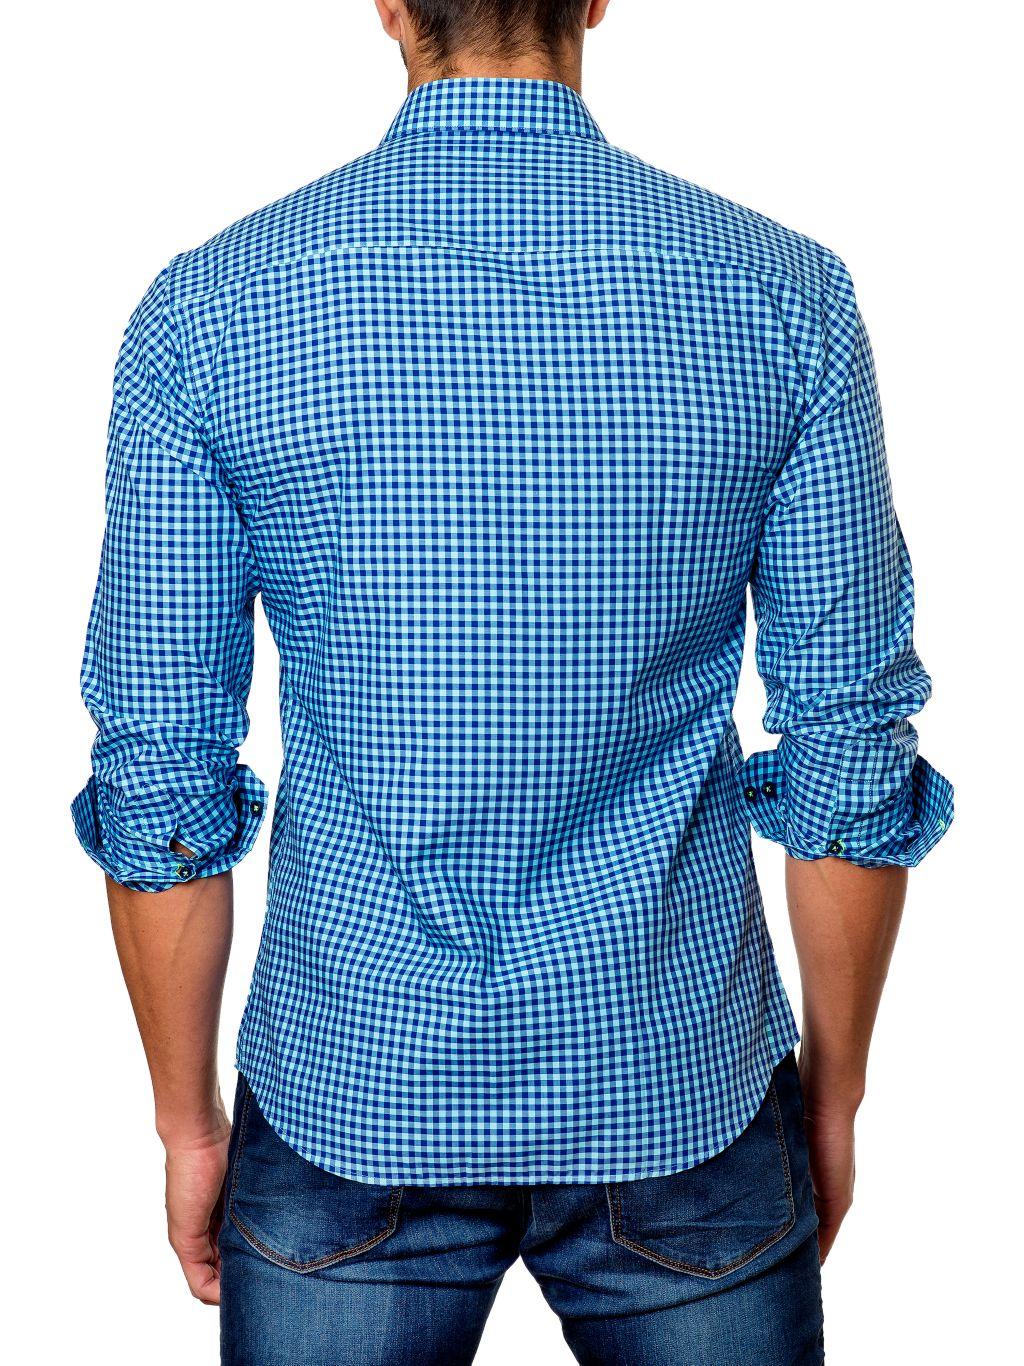 Jared Lang Semi-Fit Gingham Shirt